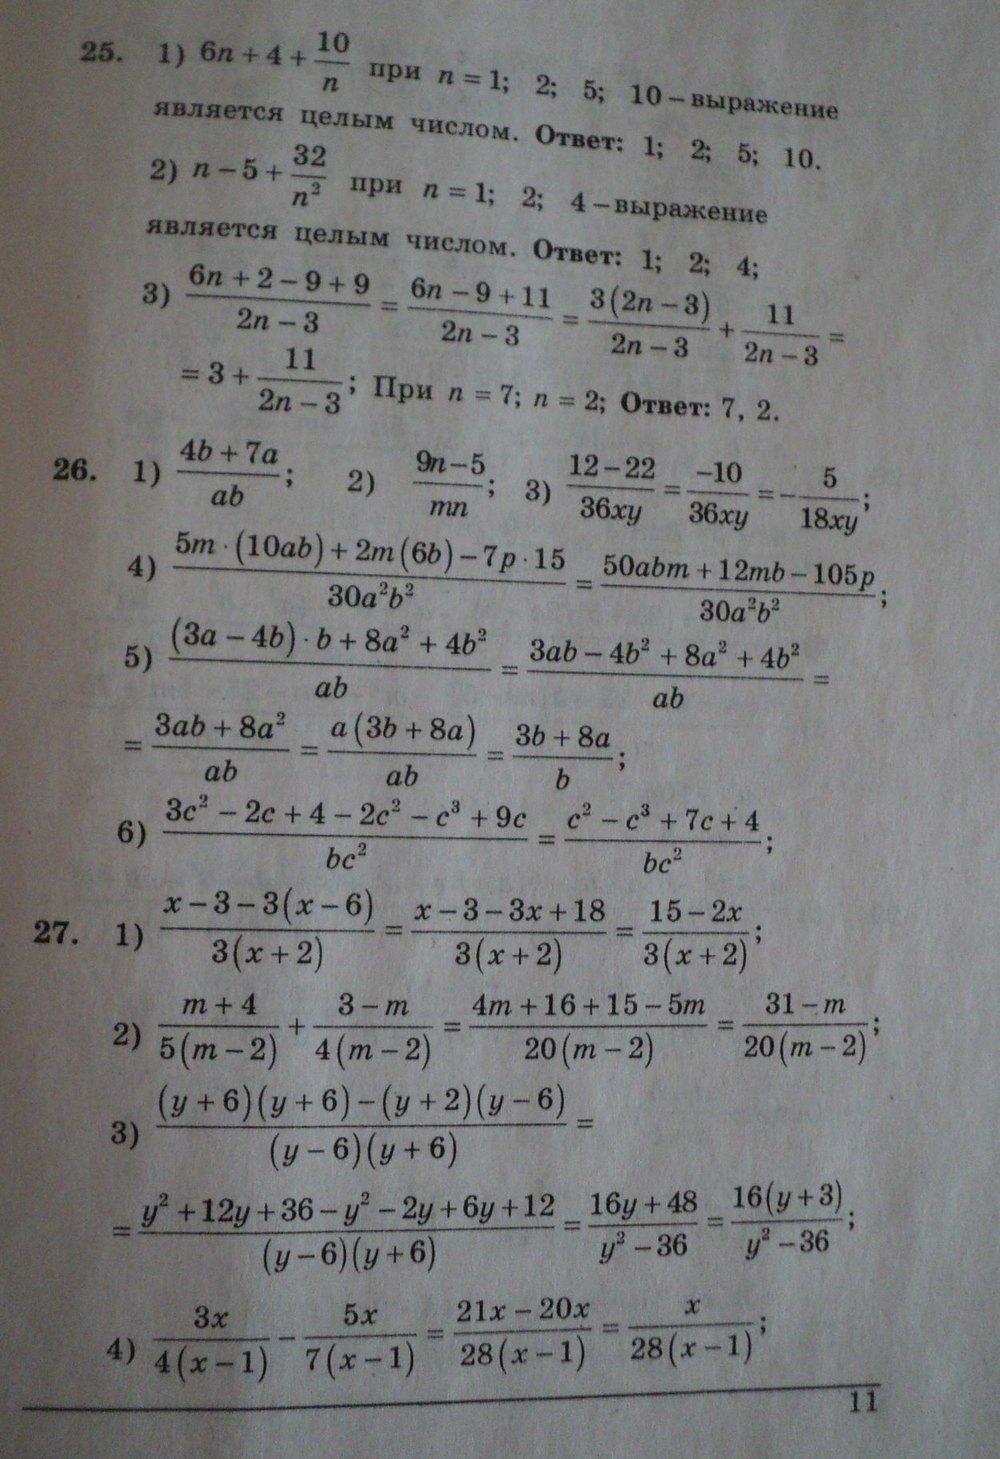 ГДЗ по алгебре 8 класс Щербань П.. Задание: стр. 11